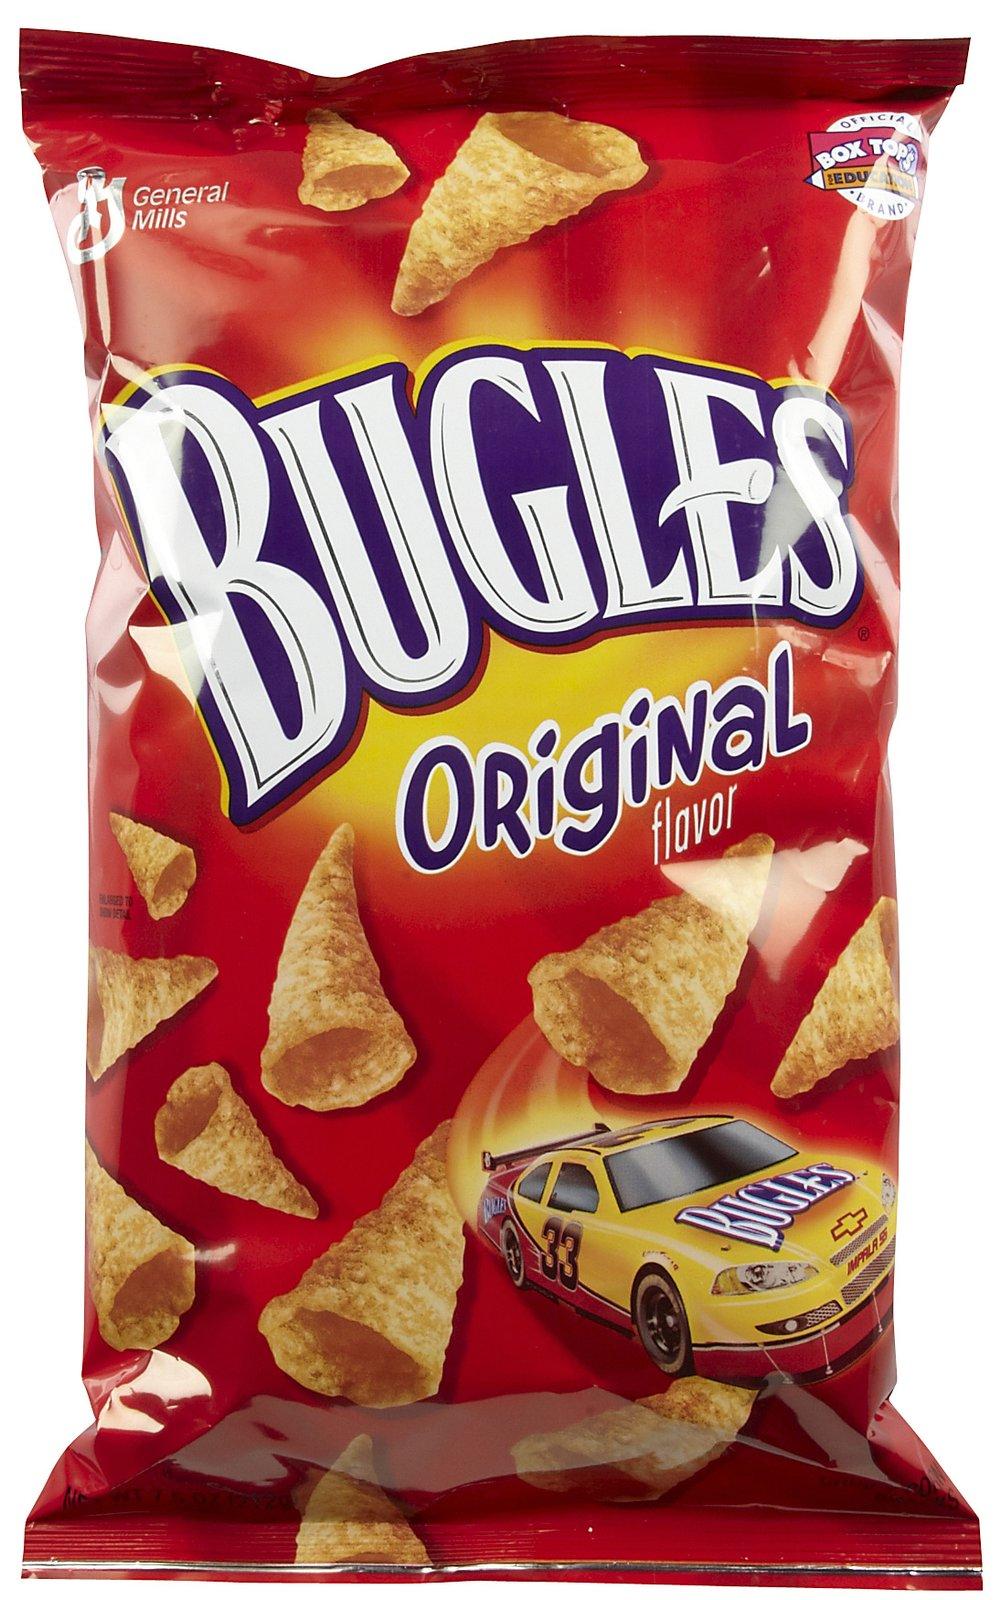 buglesoriginal2.jpg